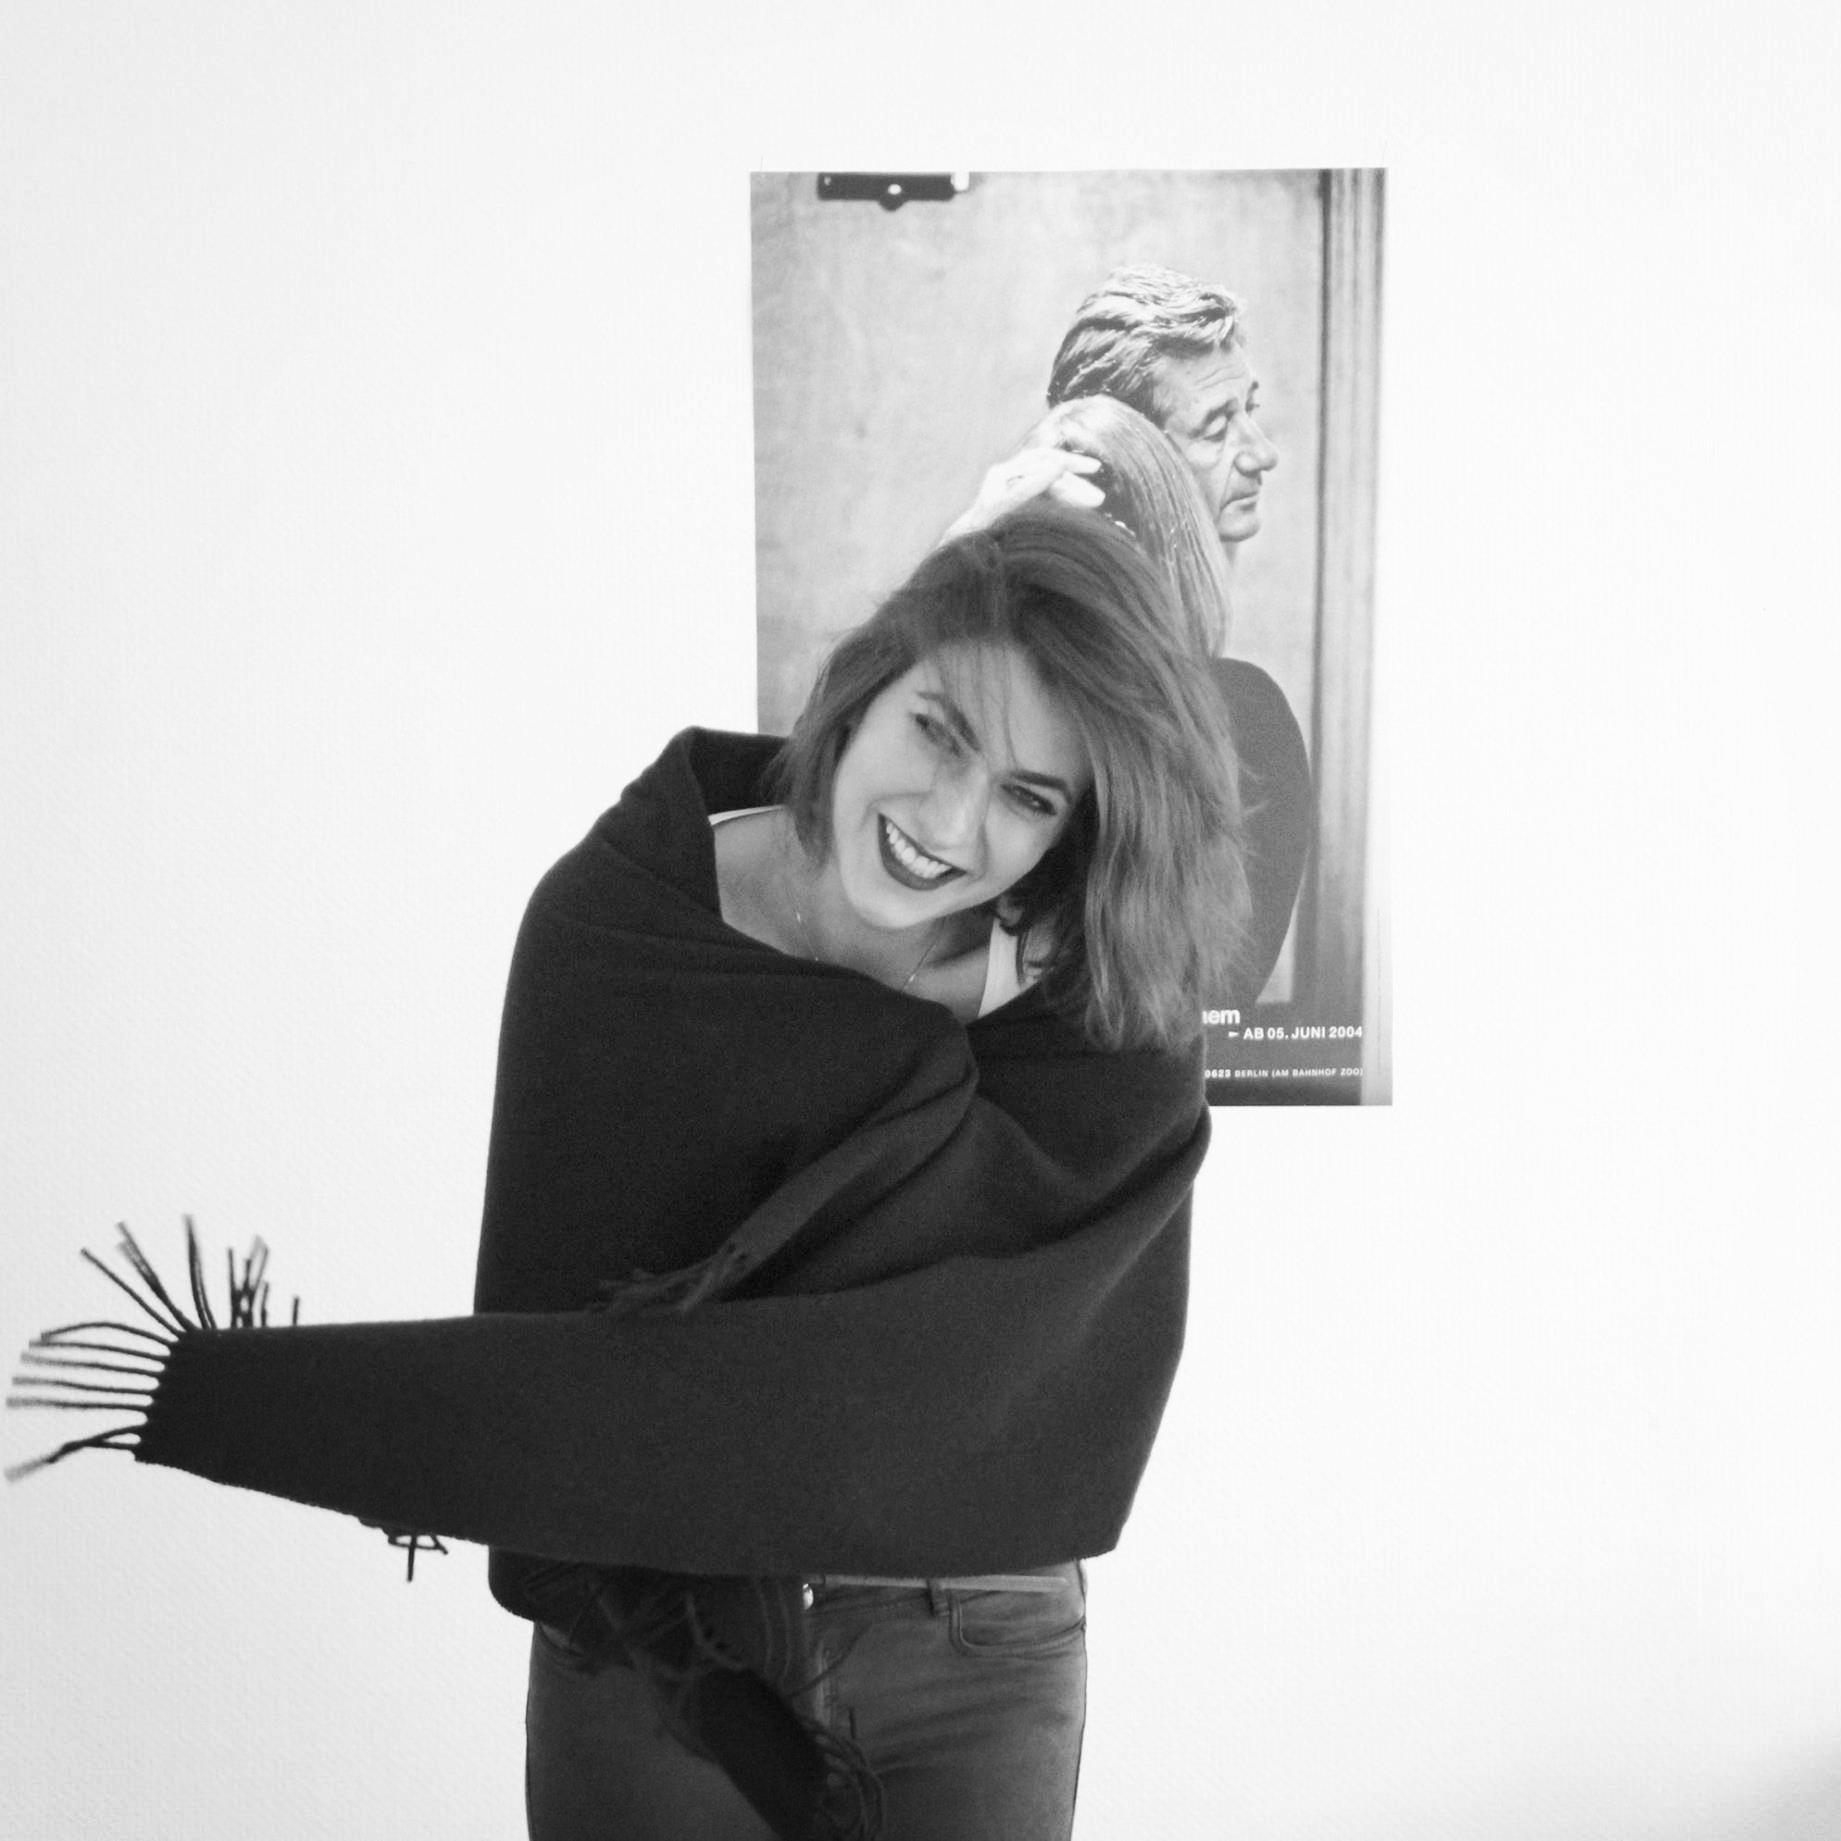 - _mareike m.schaefer>> diplom mode designerin_jahrgang 1990_kunstgeschichte | heinrich heine universitaet | duesseldorf_modedesign | fashion design institut | duesseldorf_mareike margo design | duesseldorf>> konzept // entwurf & design // (maß-) anfertigung (DOB)